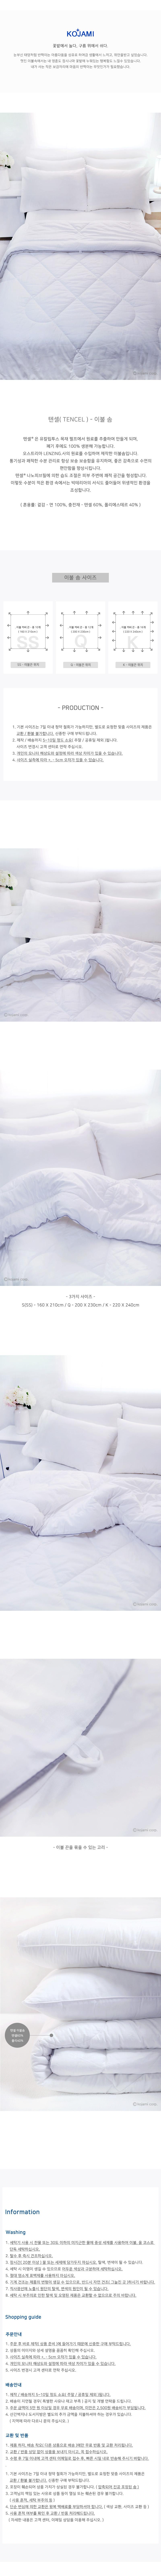 텐셀( TENCEL ) - 이불솜 ( Q ) - 코자미, 148,500원, 솜/속통, 이불솜